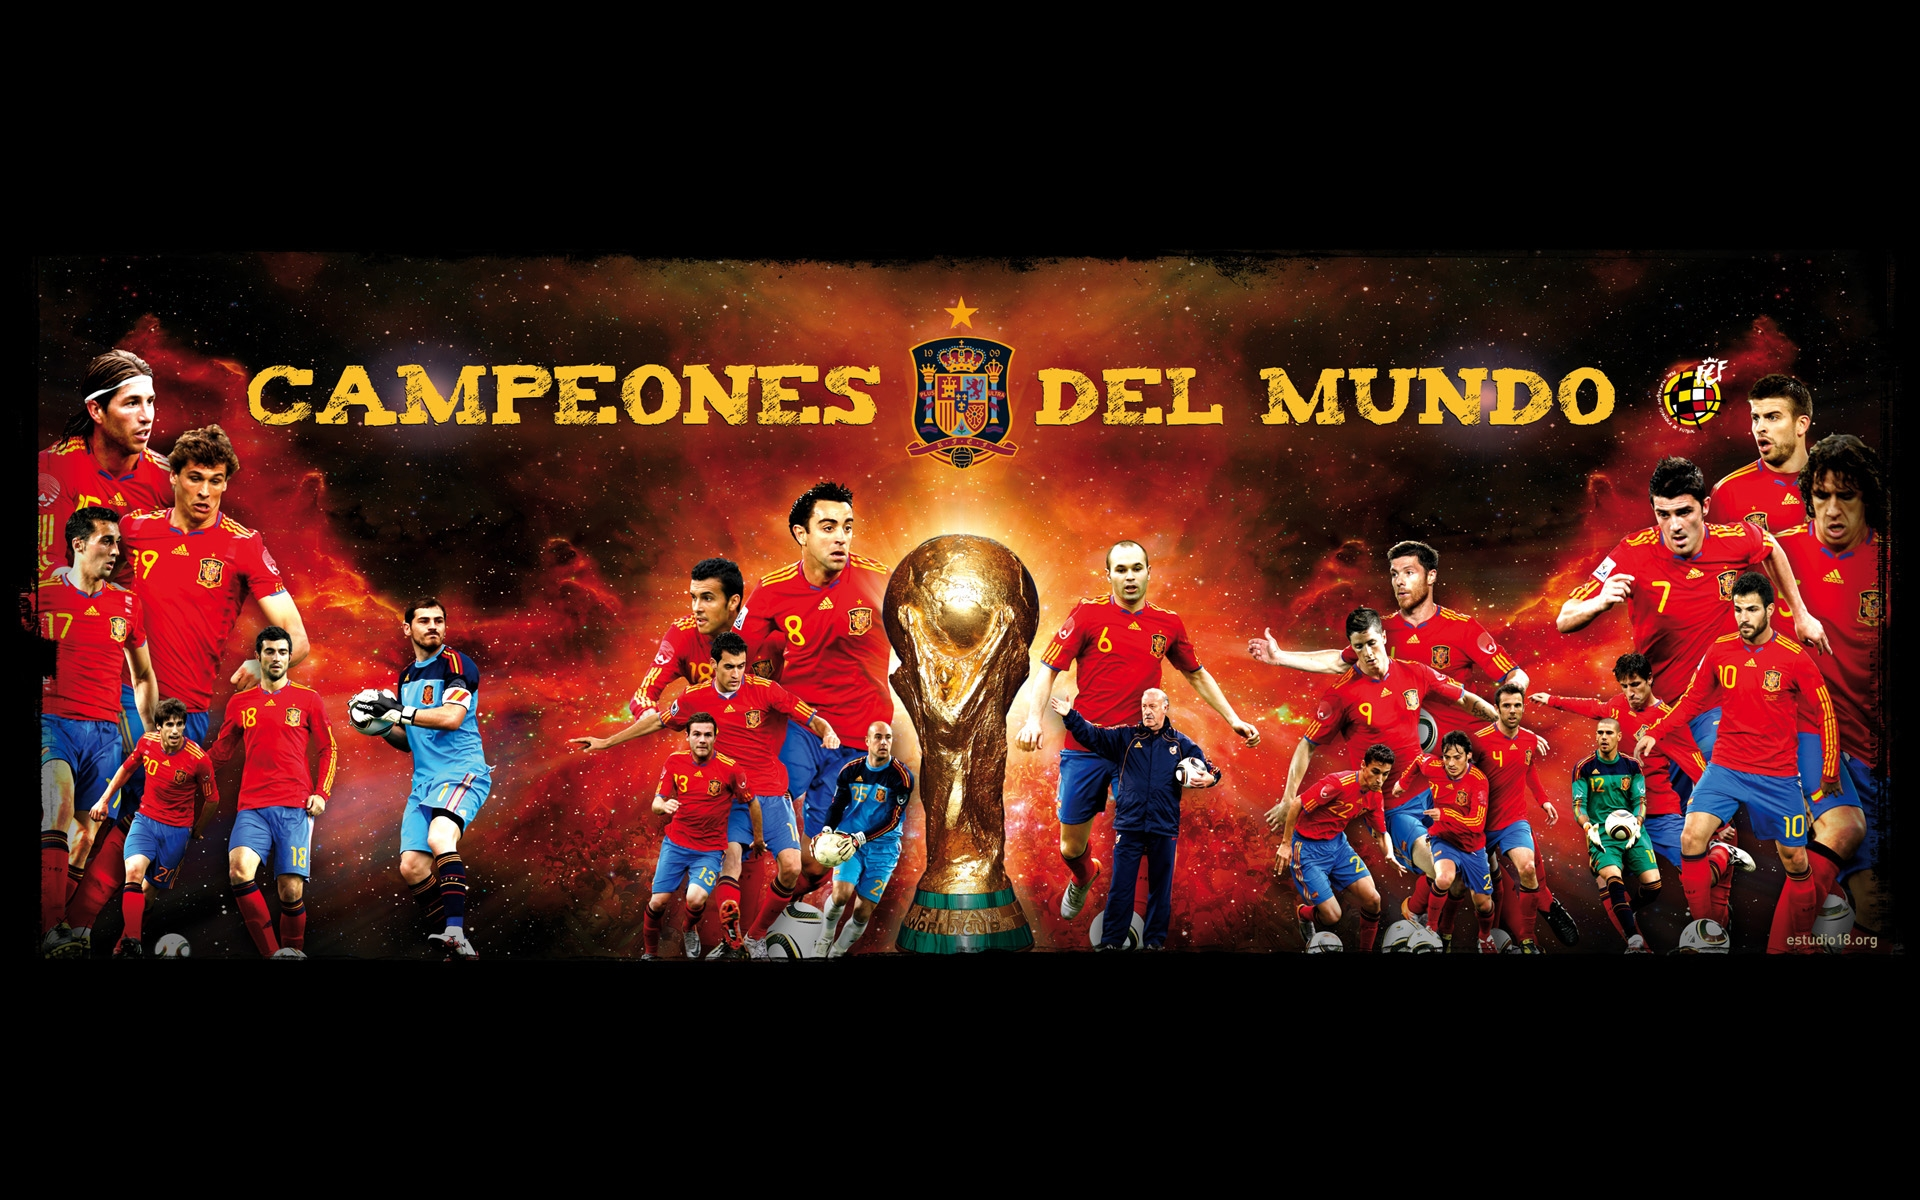 wallpaper hd seleccion españa campeones del mundo